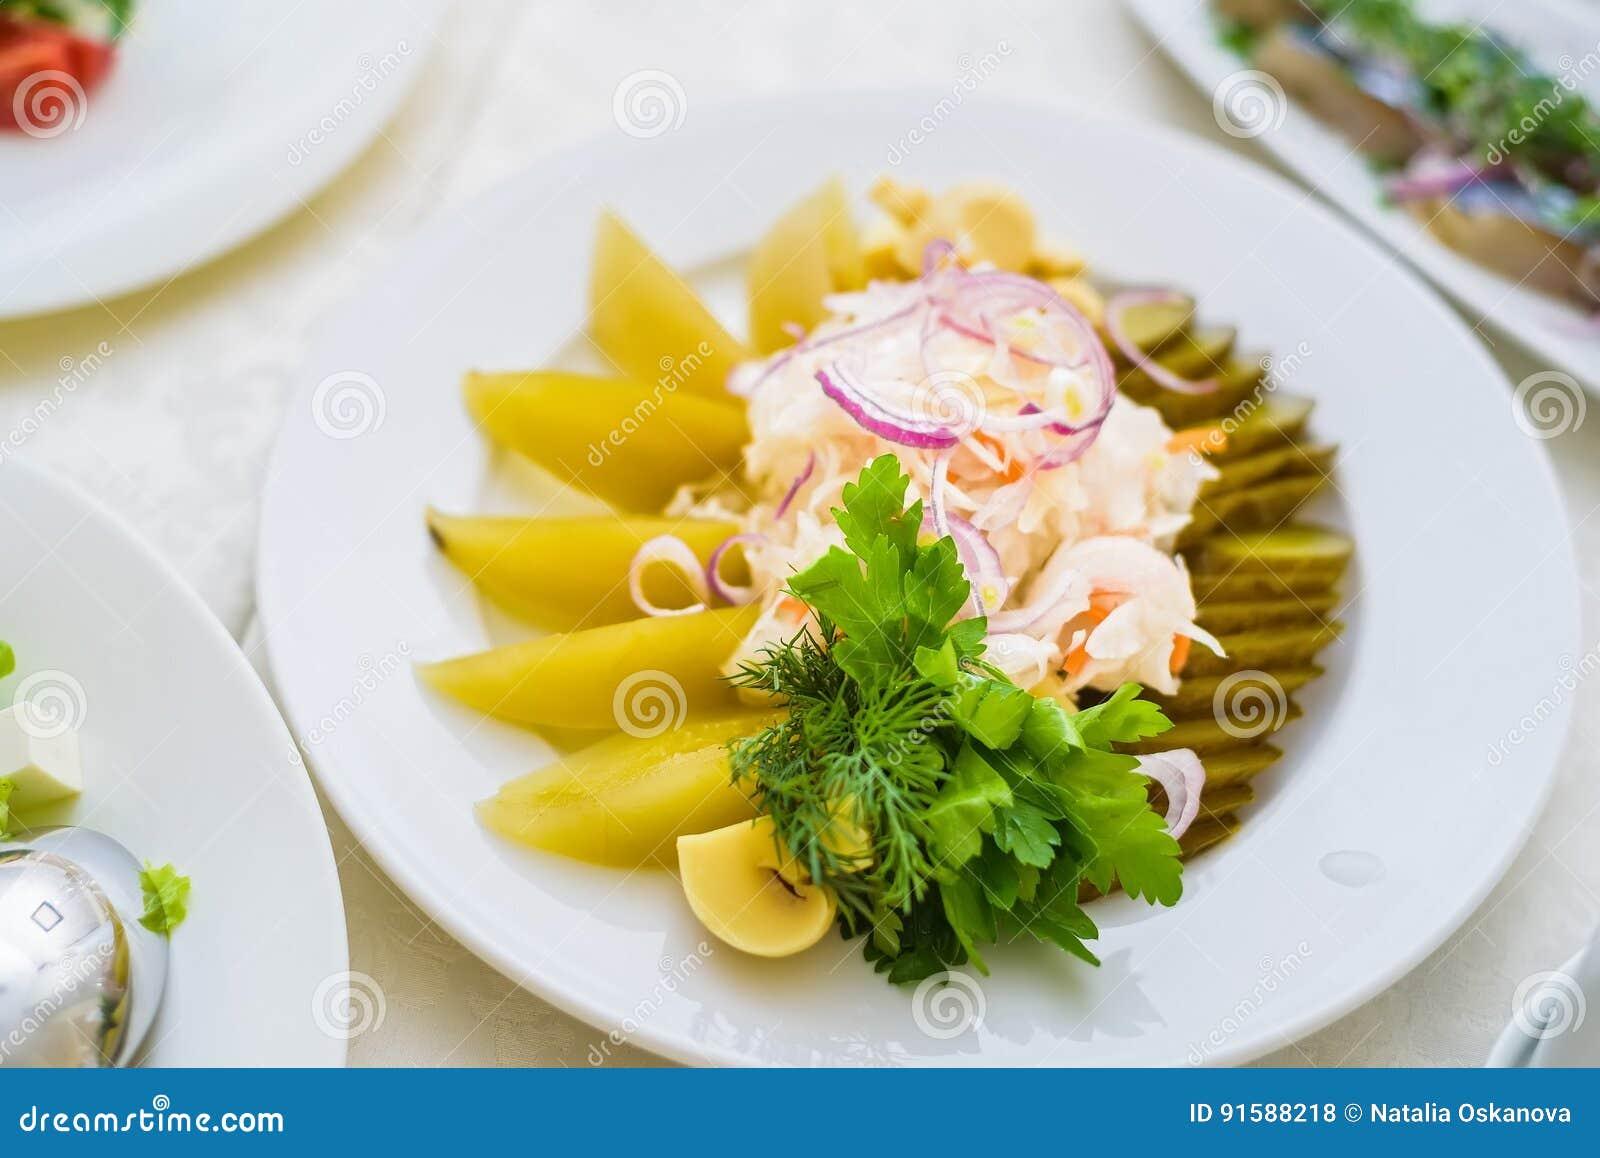 Choucroute de plan rapproché servie avec des légumes de plat